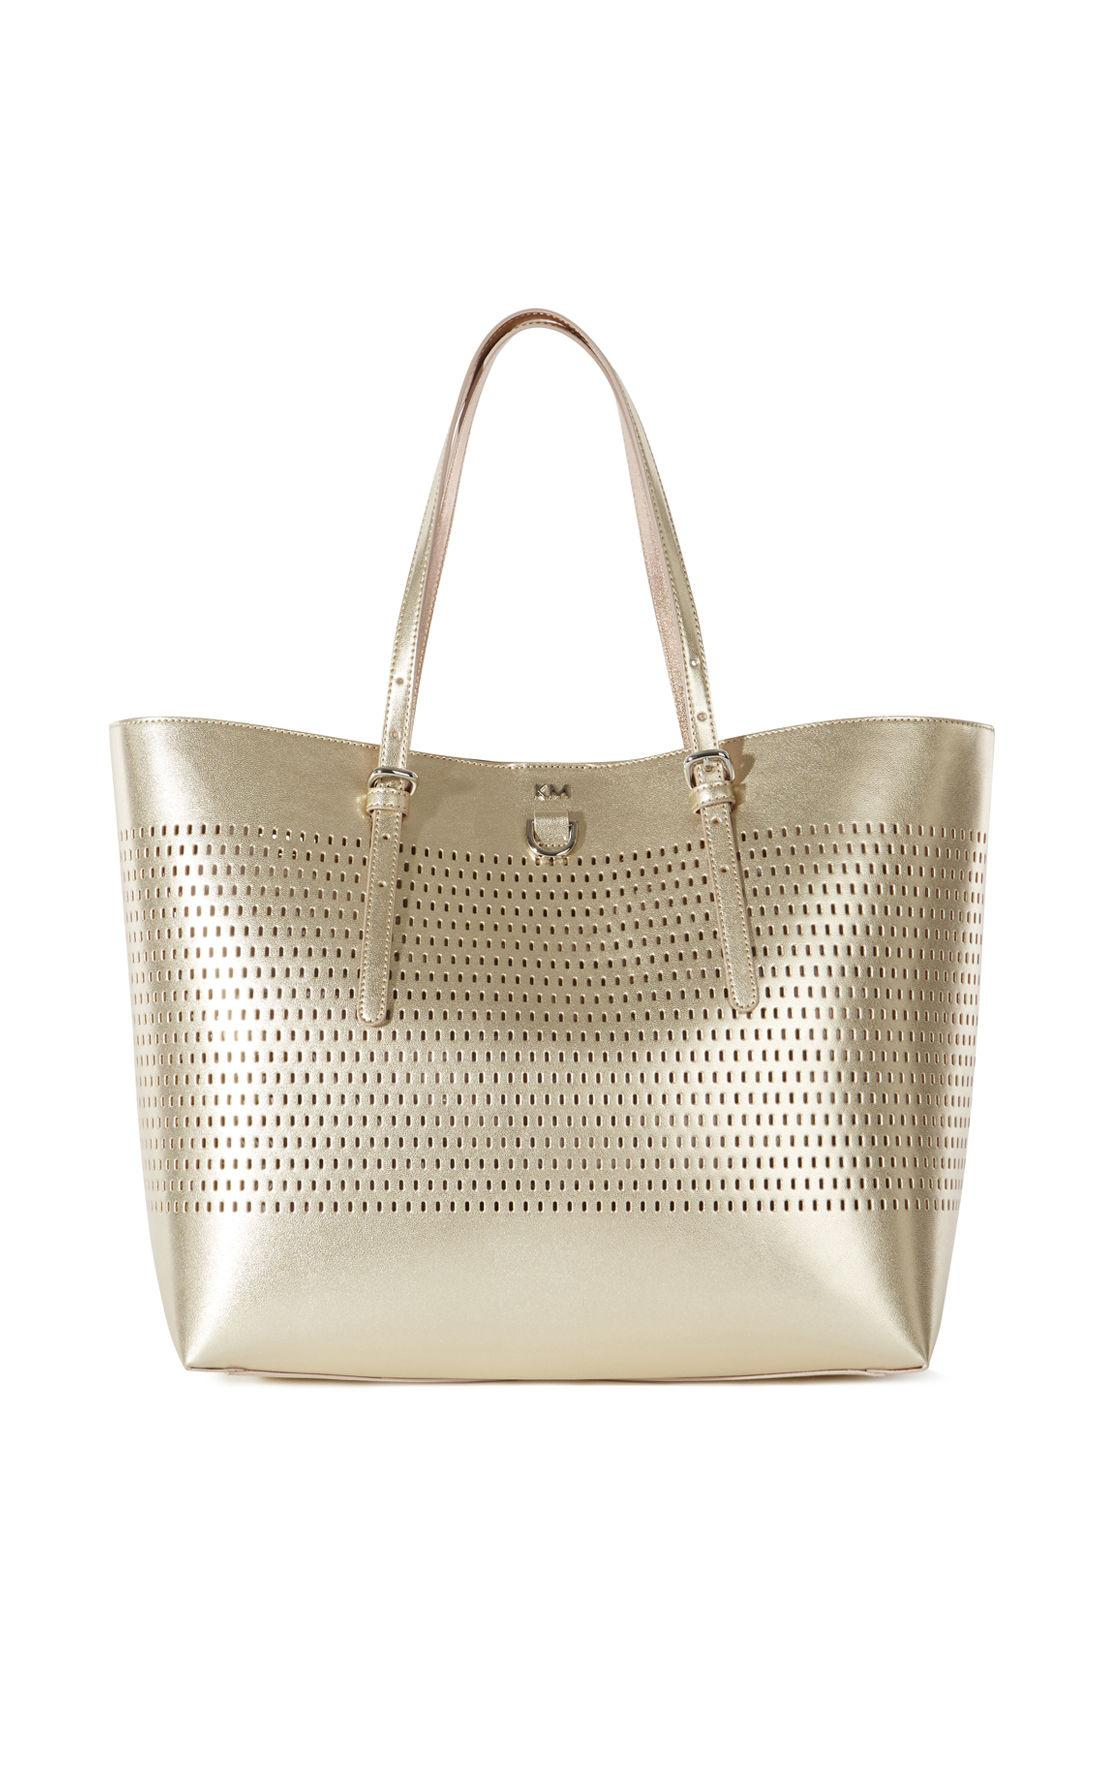 Lyst Karen Millen Metallic Tote Bag Gold In Metallic